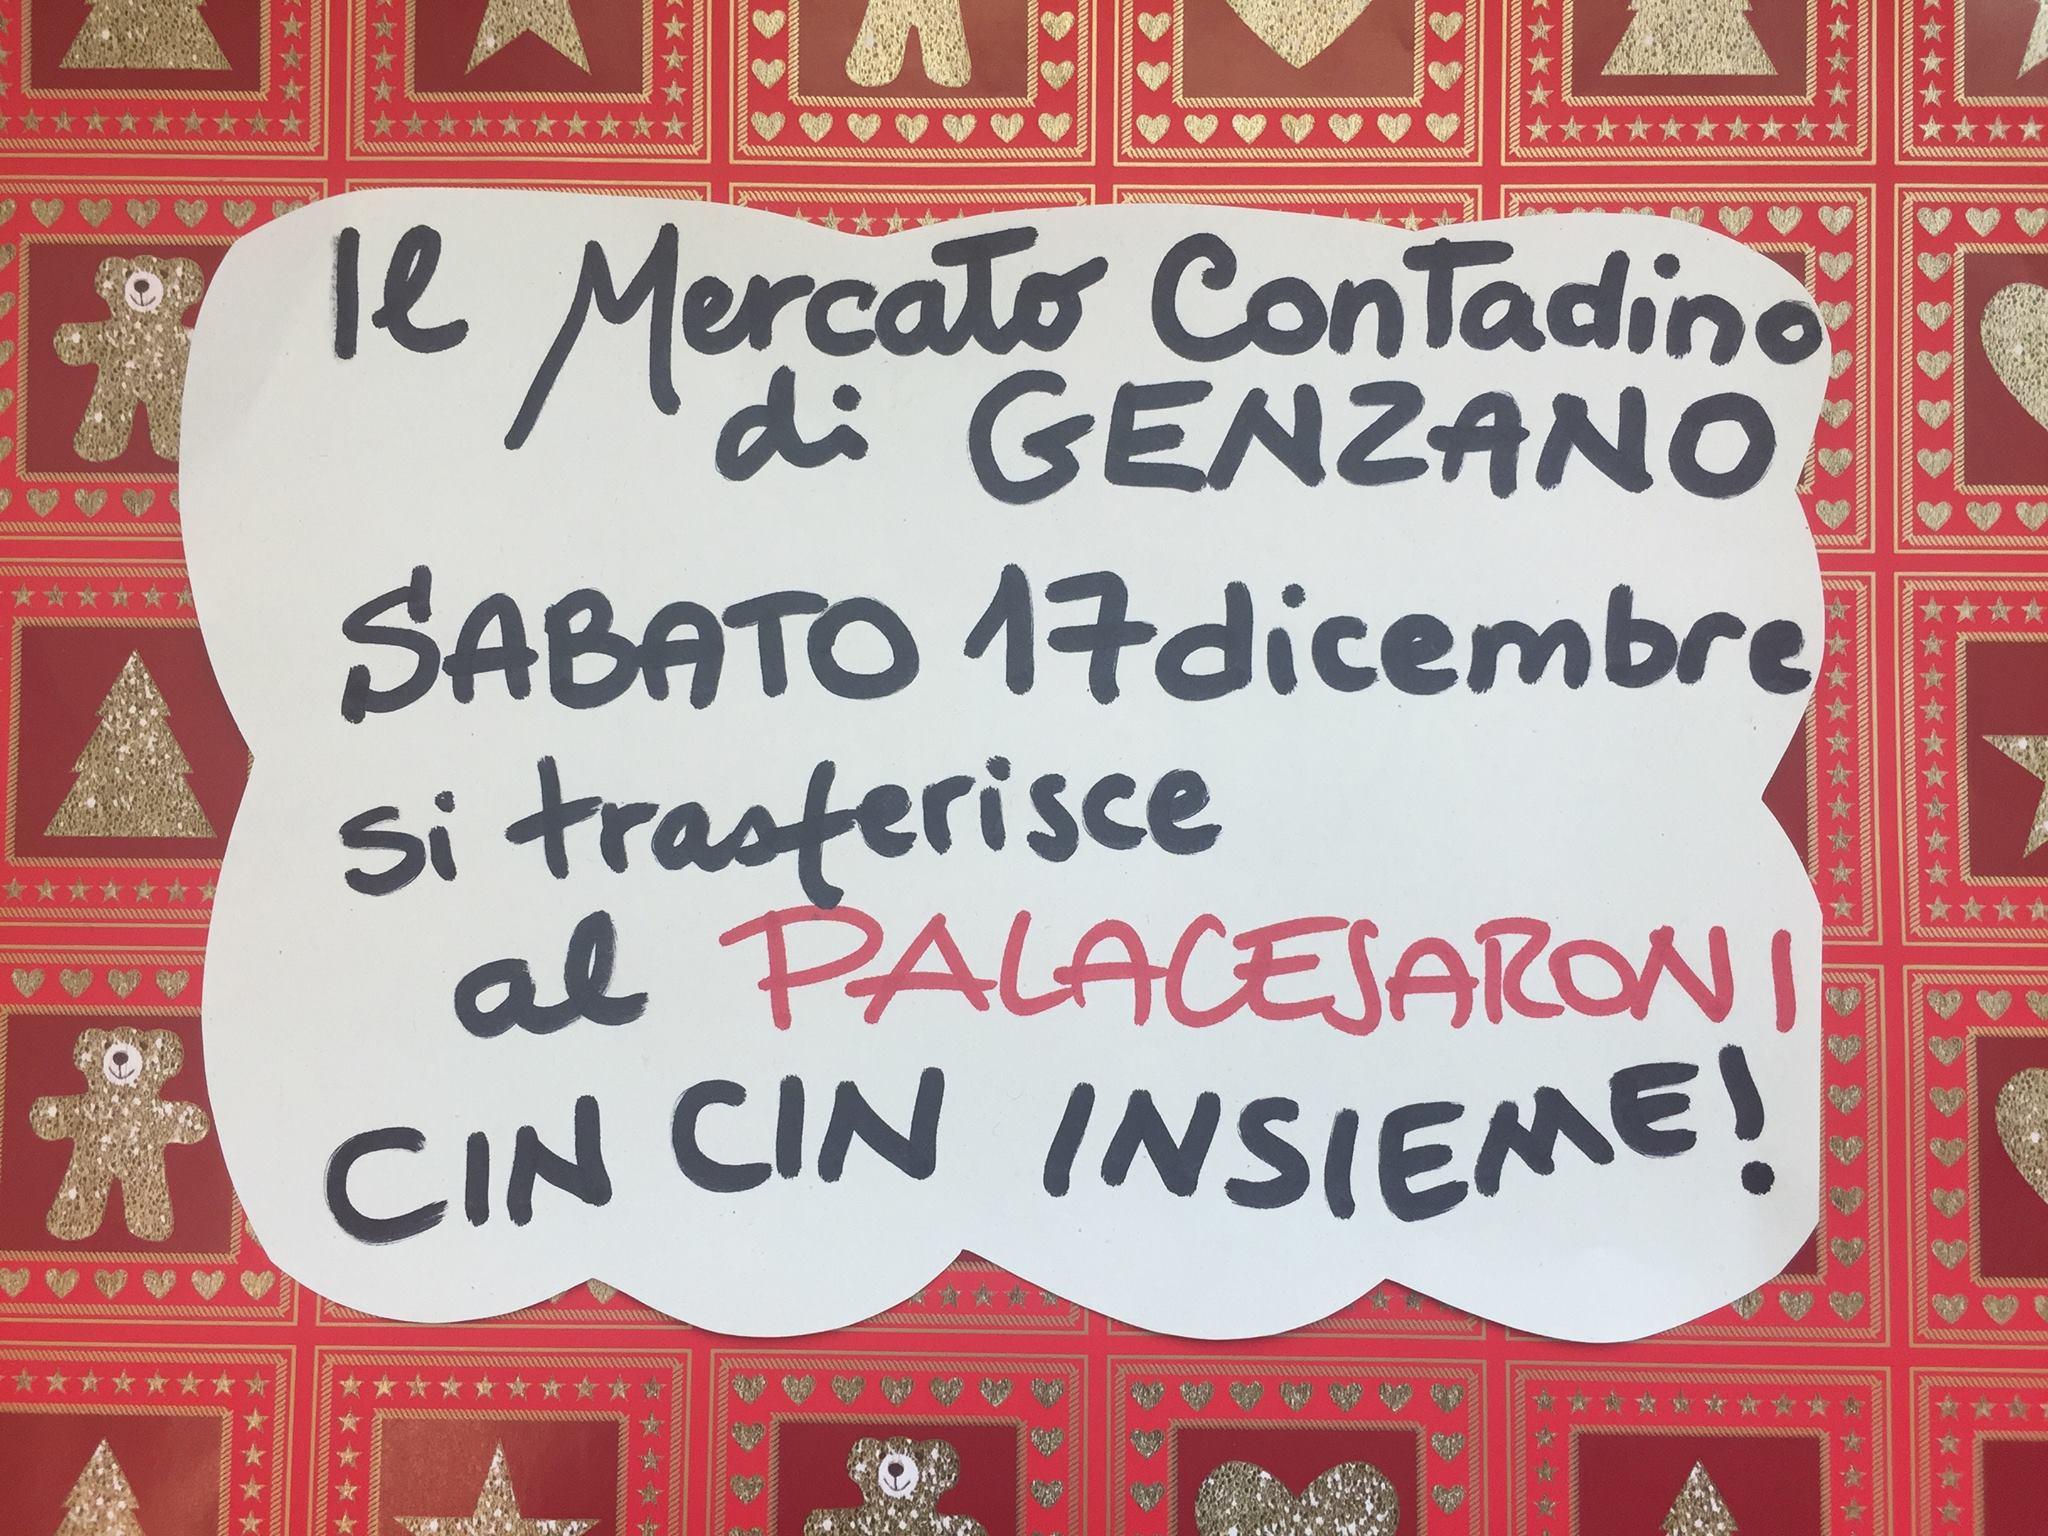 Mercato contadino Castelli Romani Genzano di Roma Palacesaroni